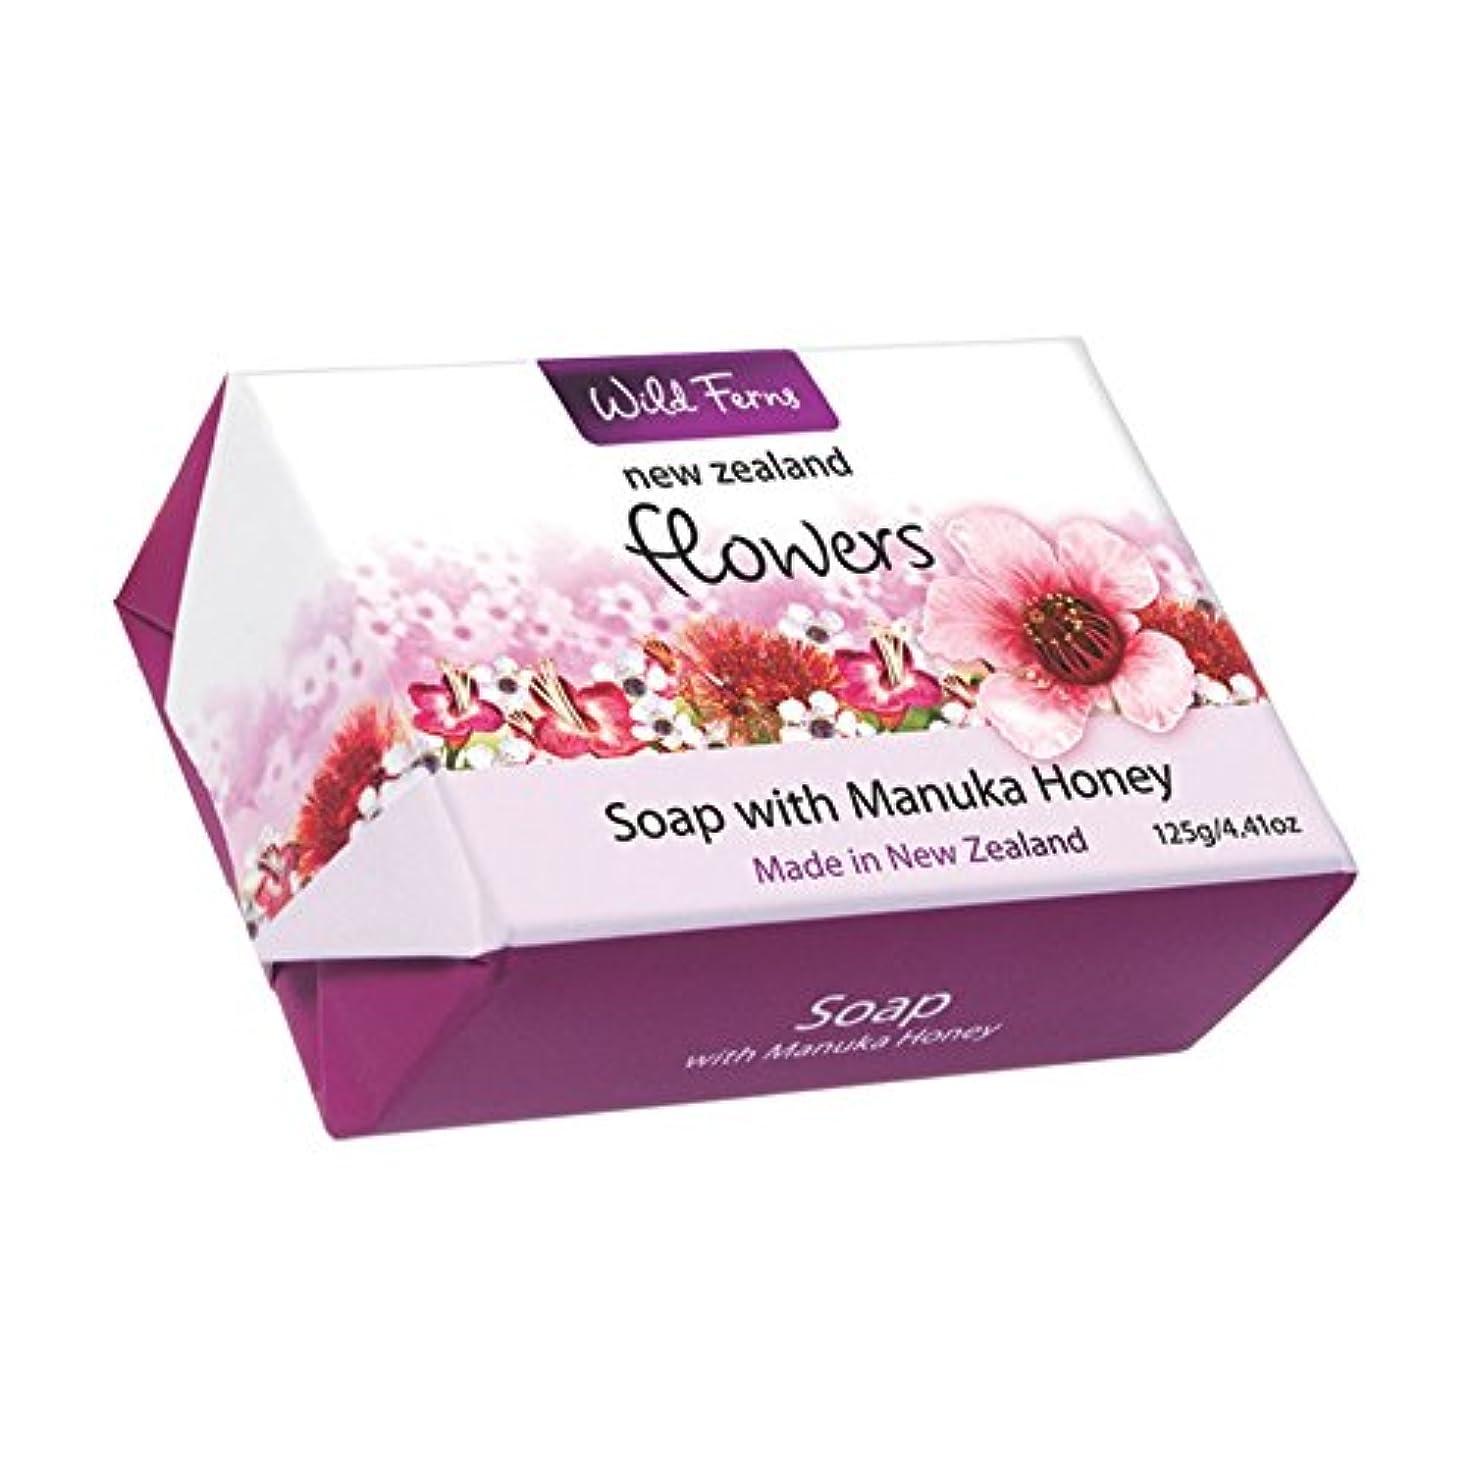 ノート南アメリカ集中的なFlowers Soap with Manuka Honey 125g